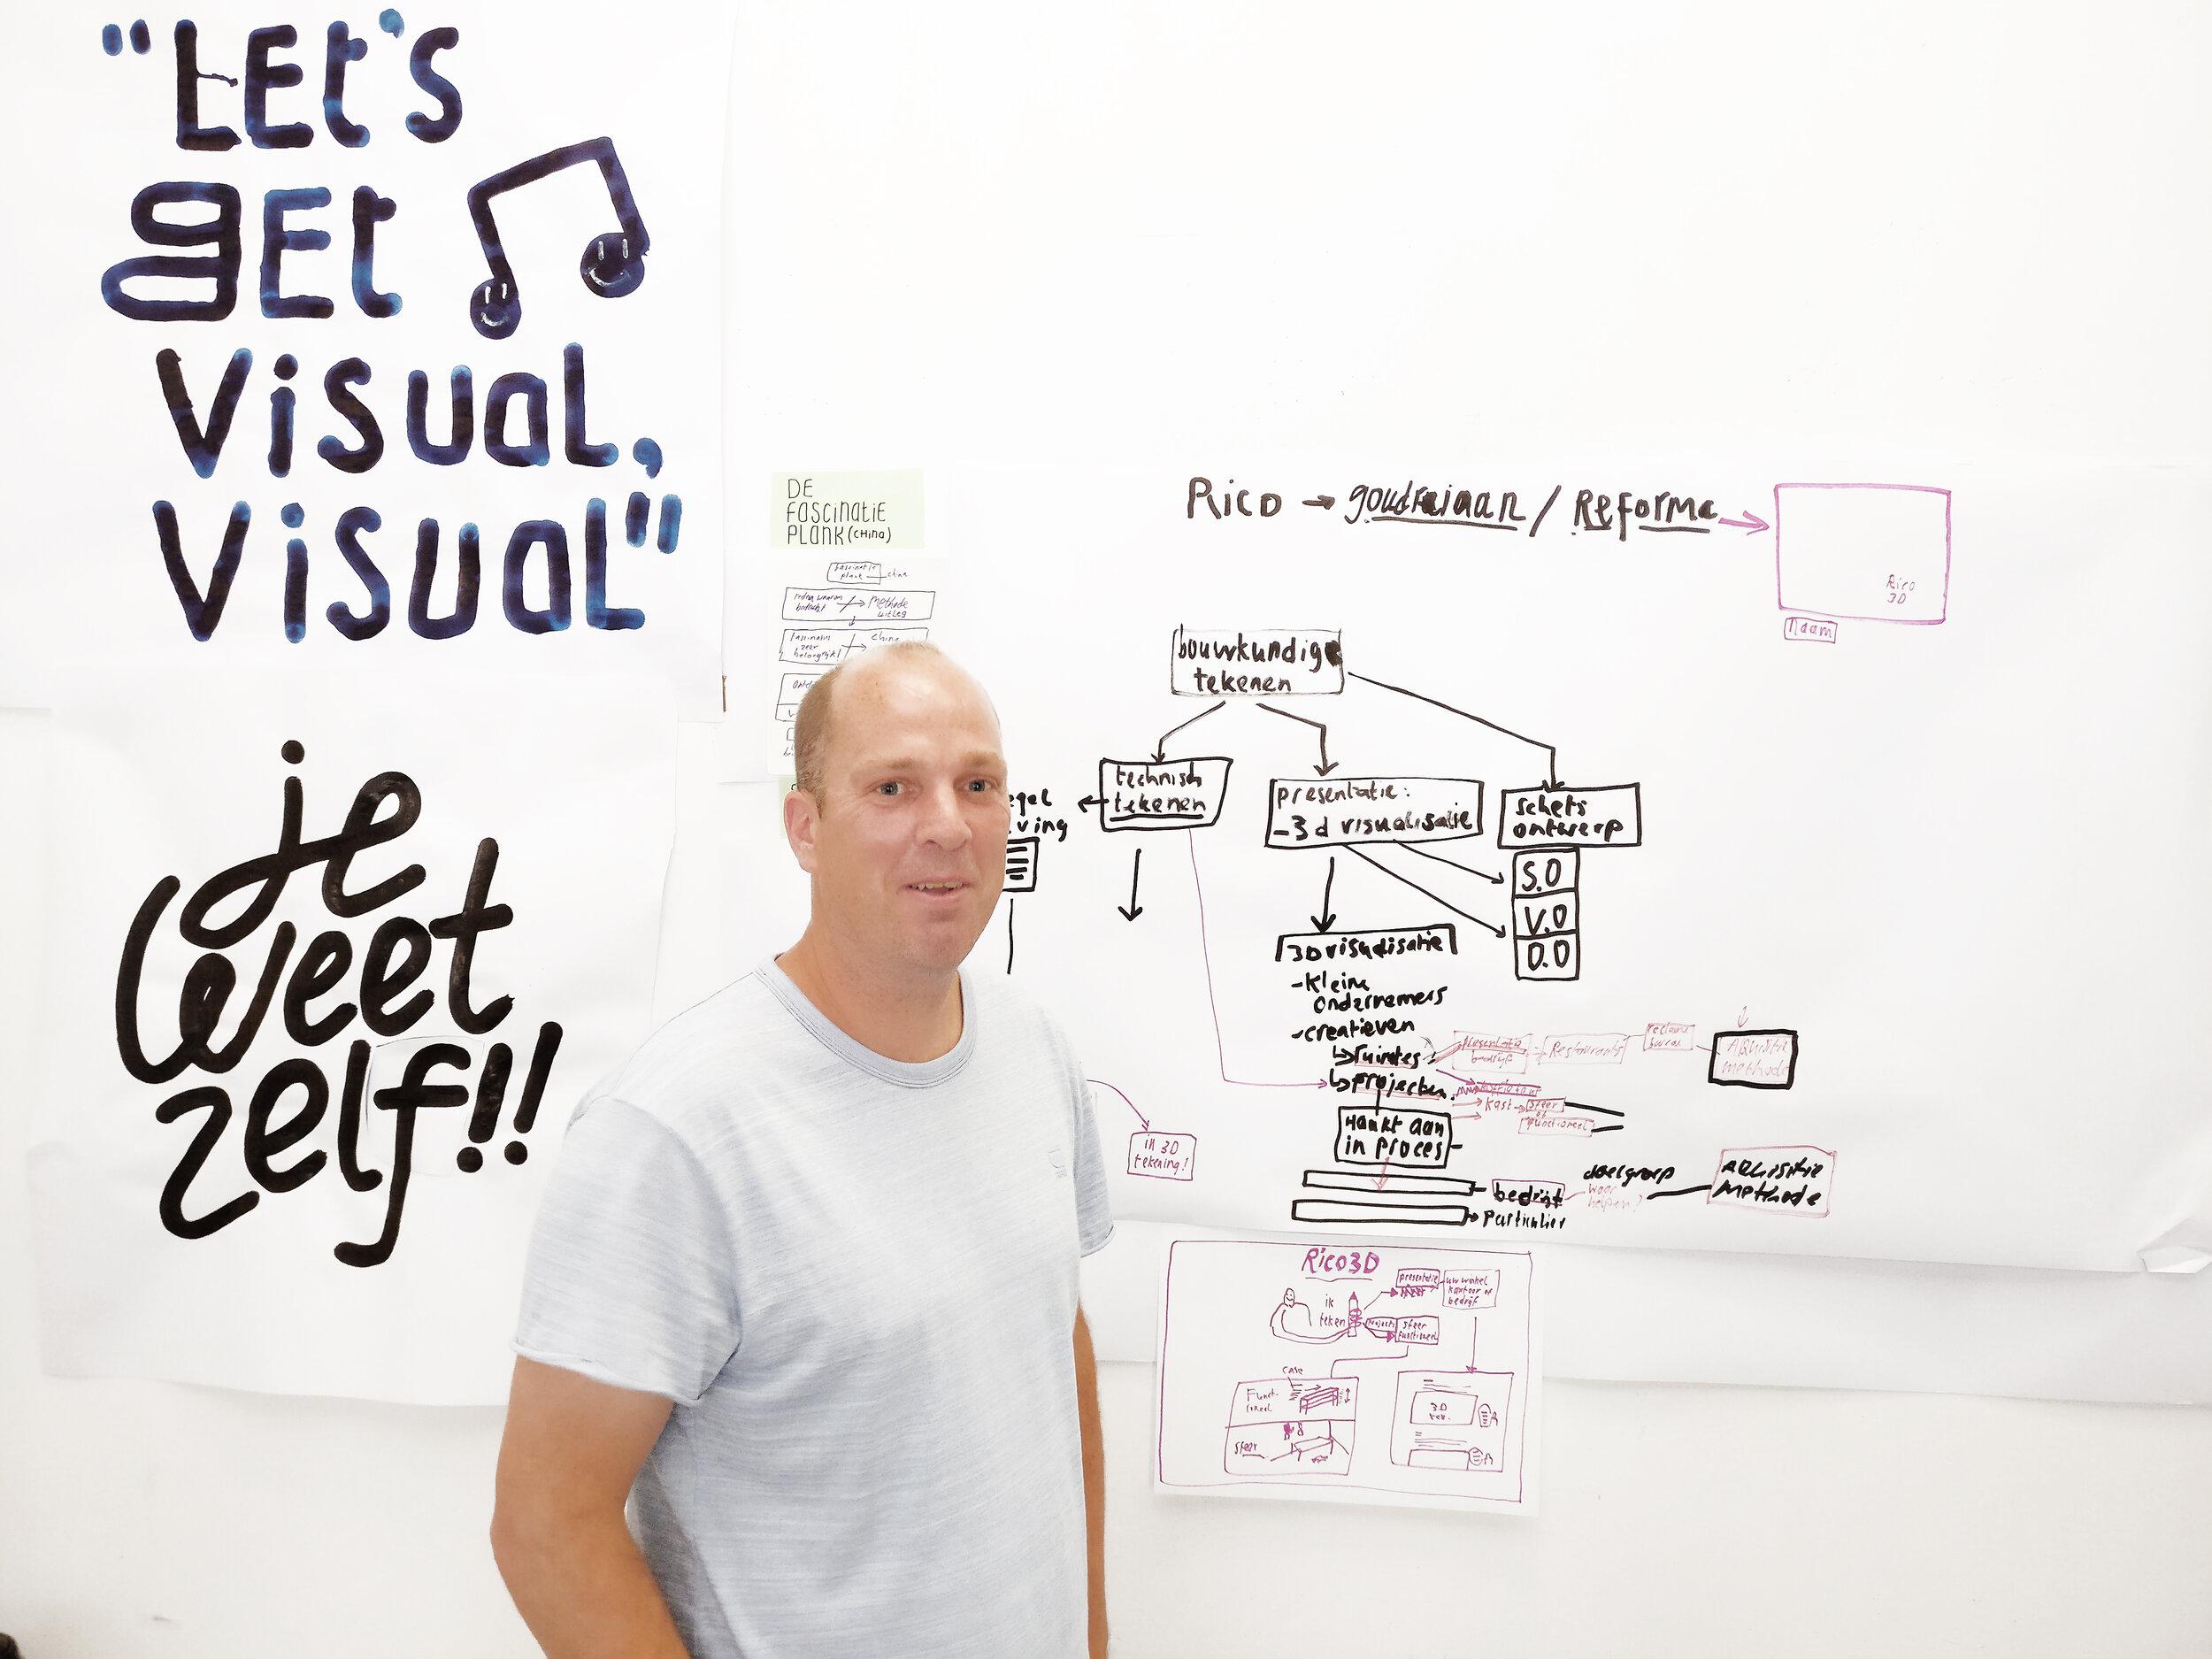 Je leert alles visueel te maken wat je bezighoudt, zodat alles inzichtelijk wordt: van je gedachten, ideeën, methodes, processen tot aan je onderneming. -